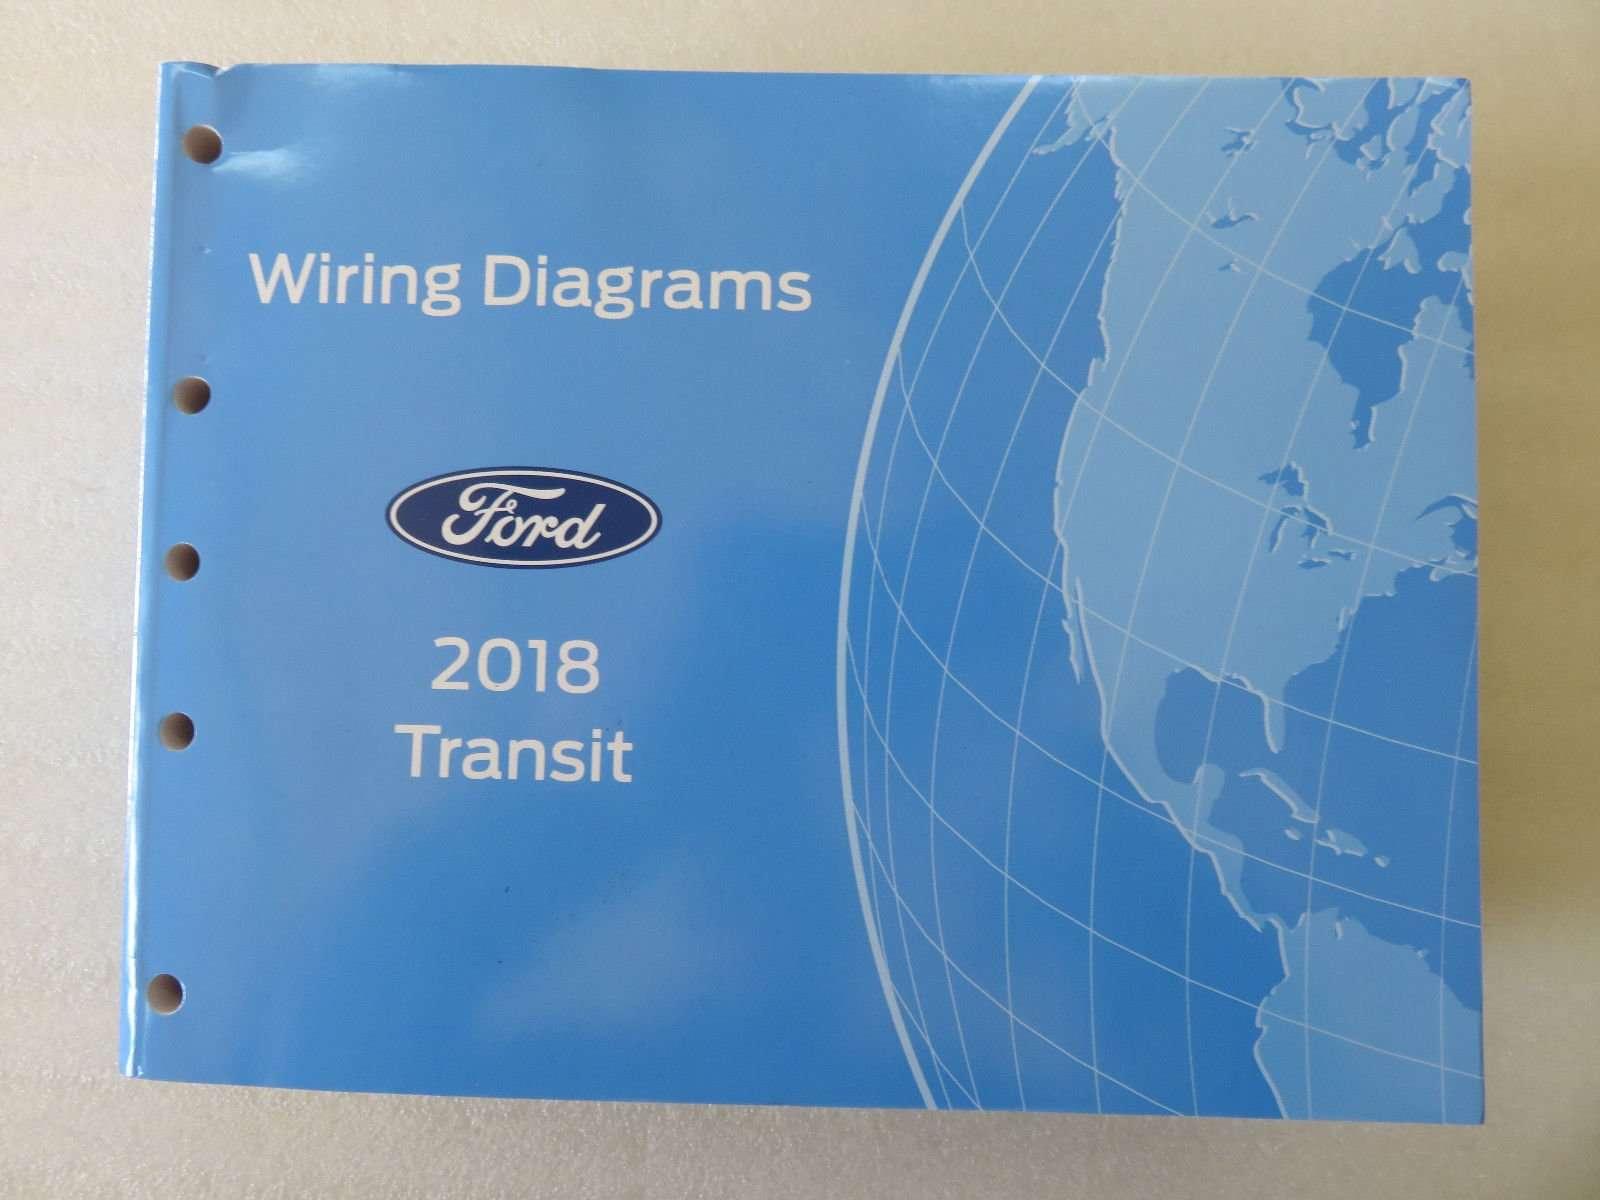 2018 Ford Transit Wiring Diagram Manual